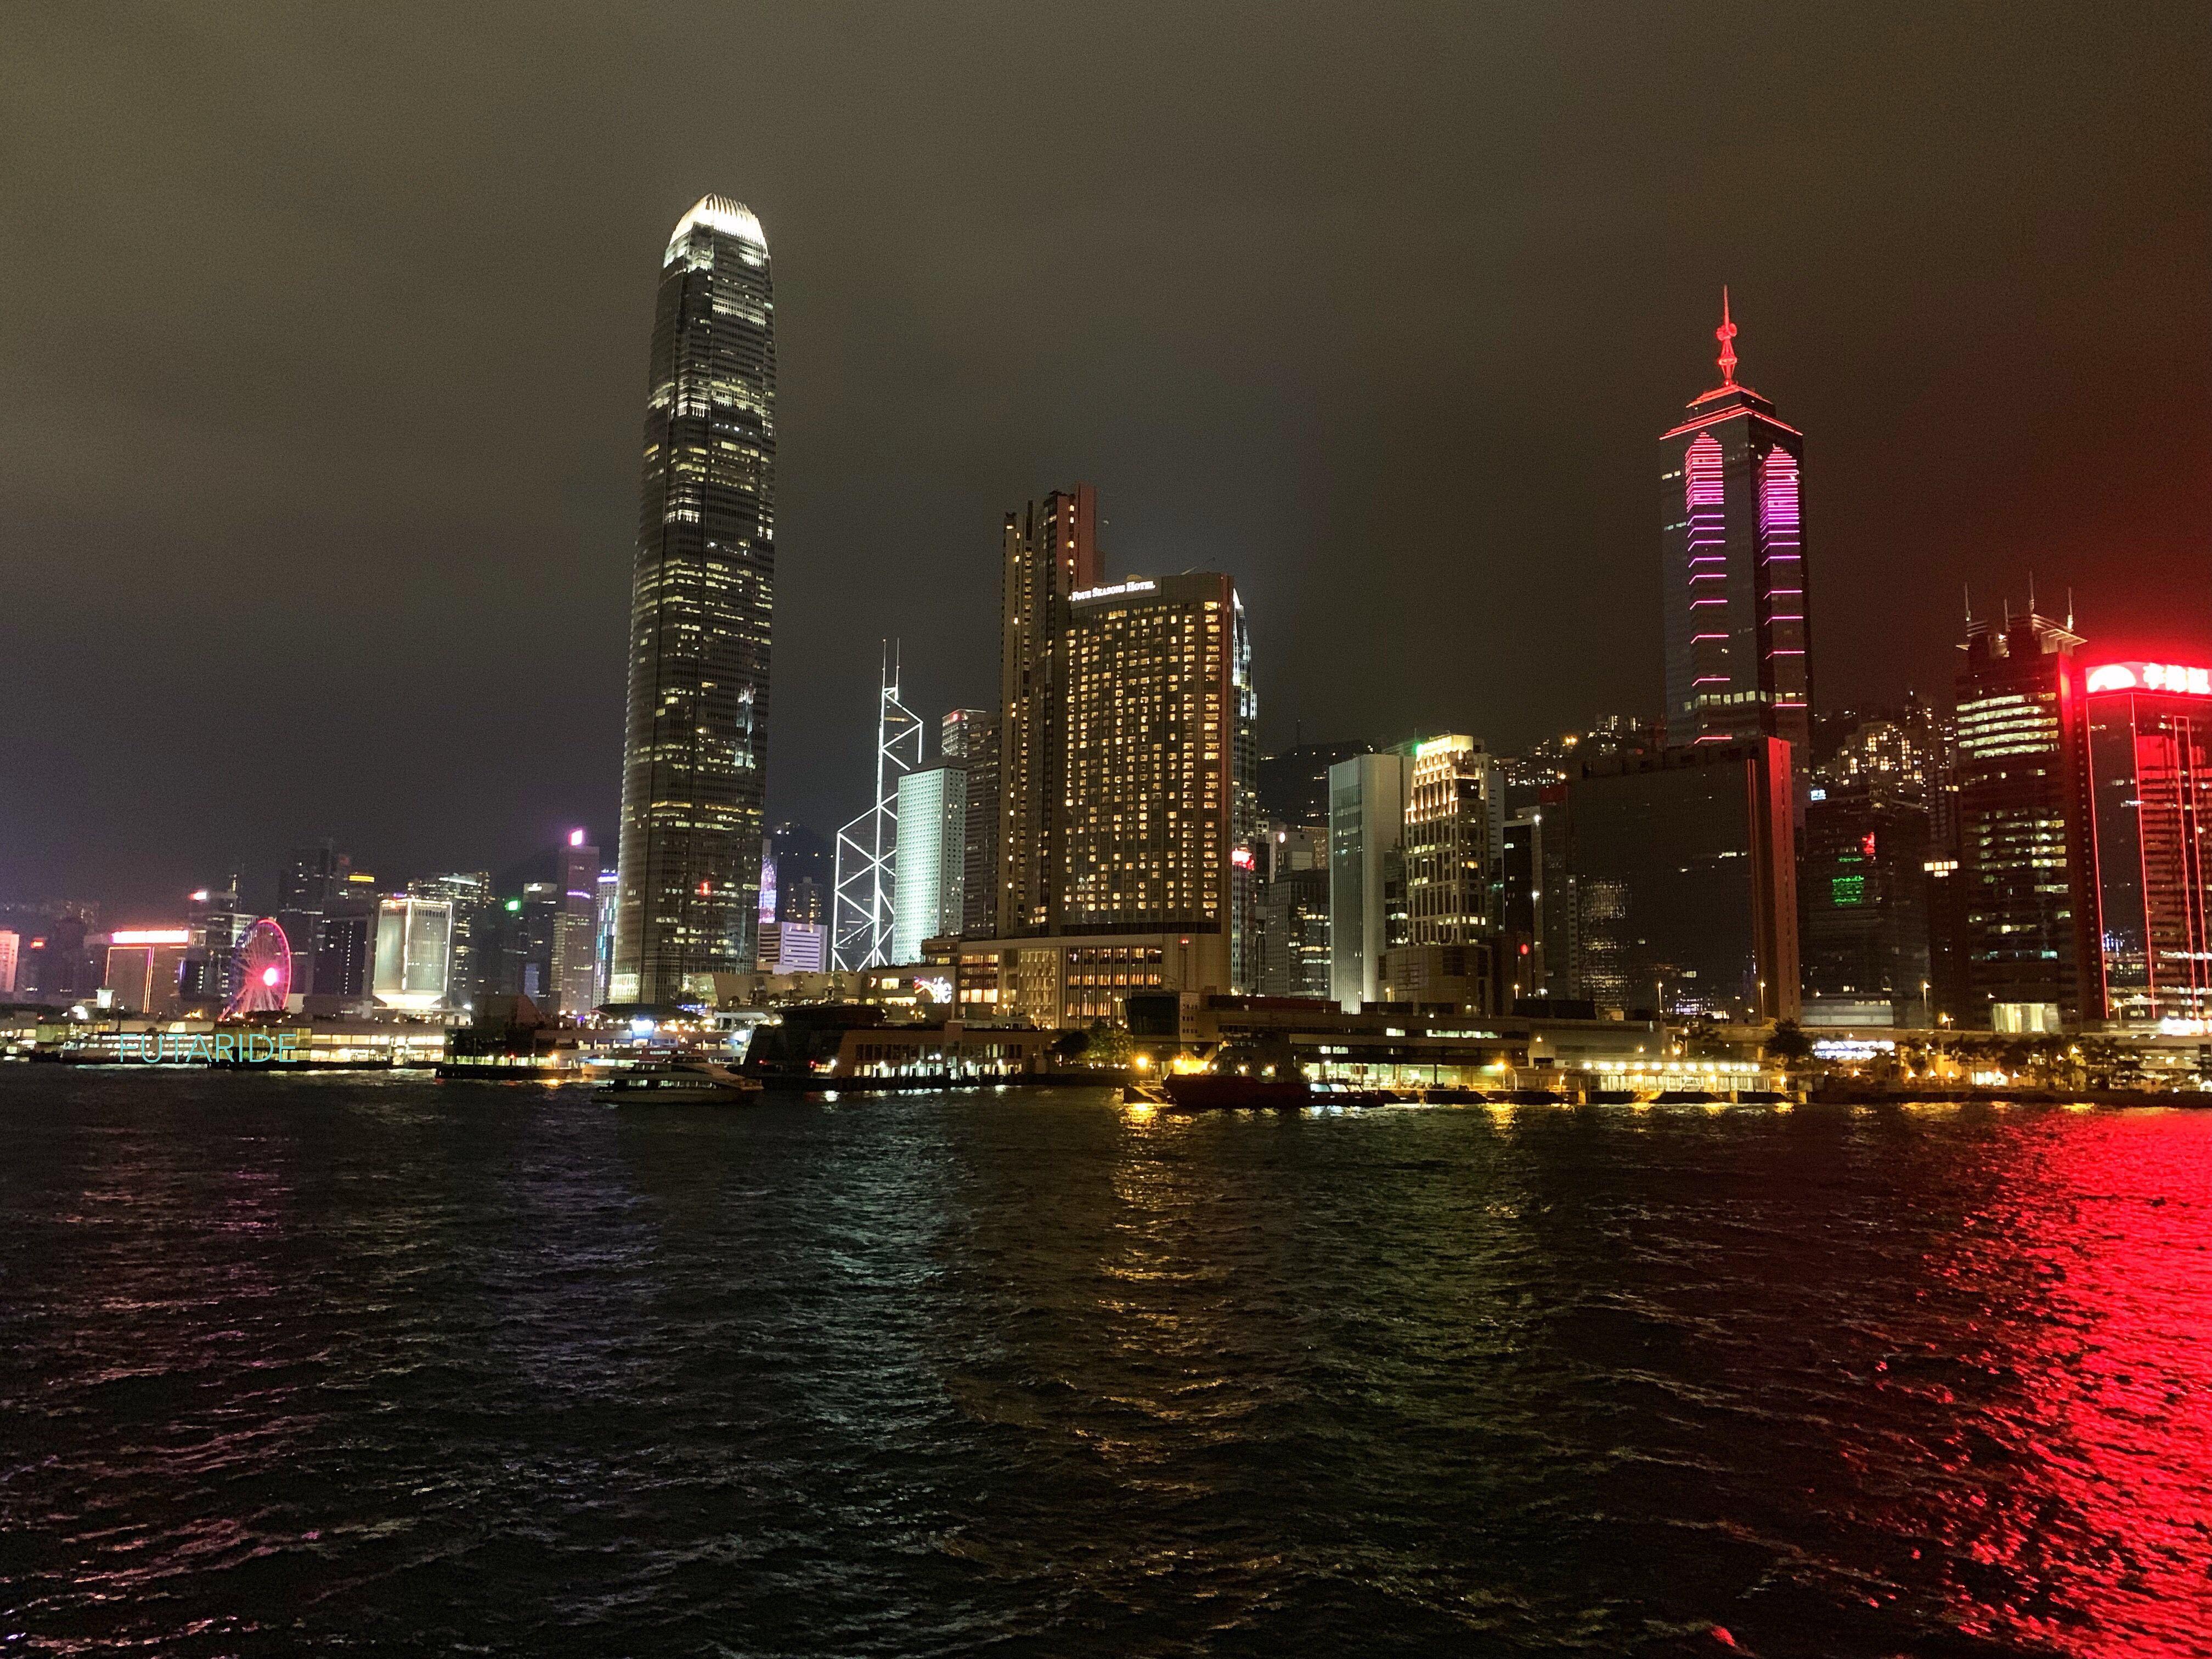 香港は週末海外旅行におすすめ!最短1泊2日でも楽しめる香港旅行プランを紹介